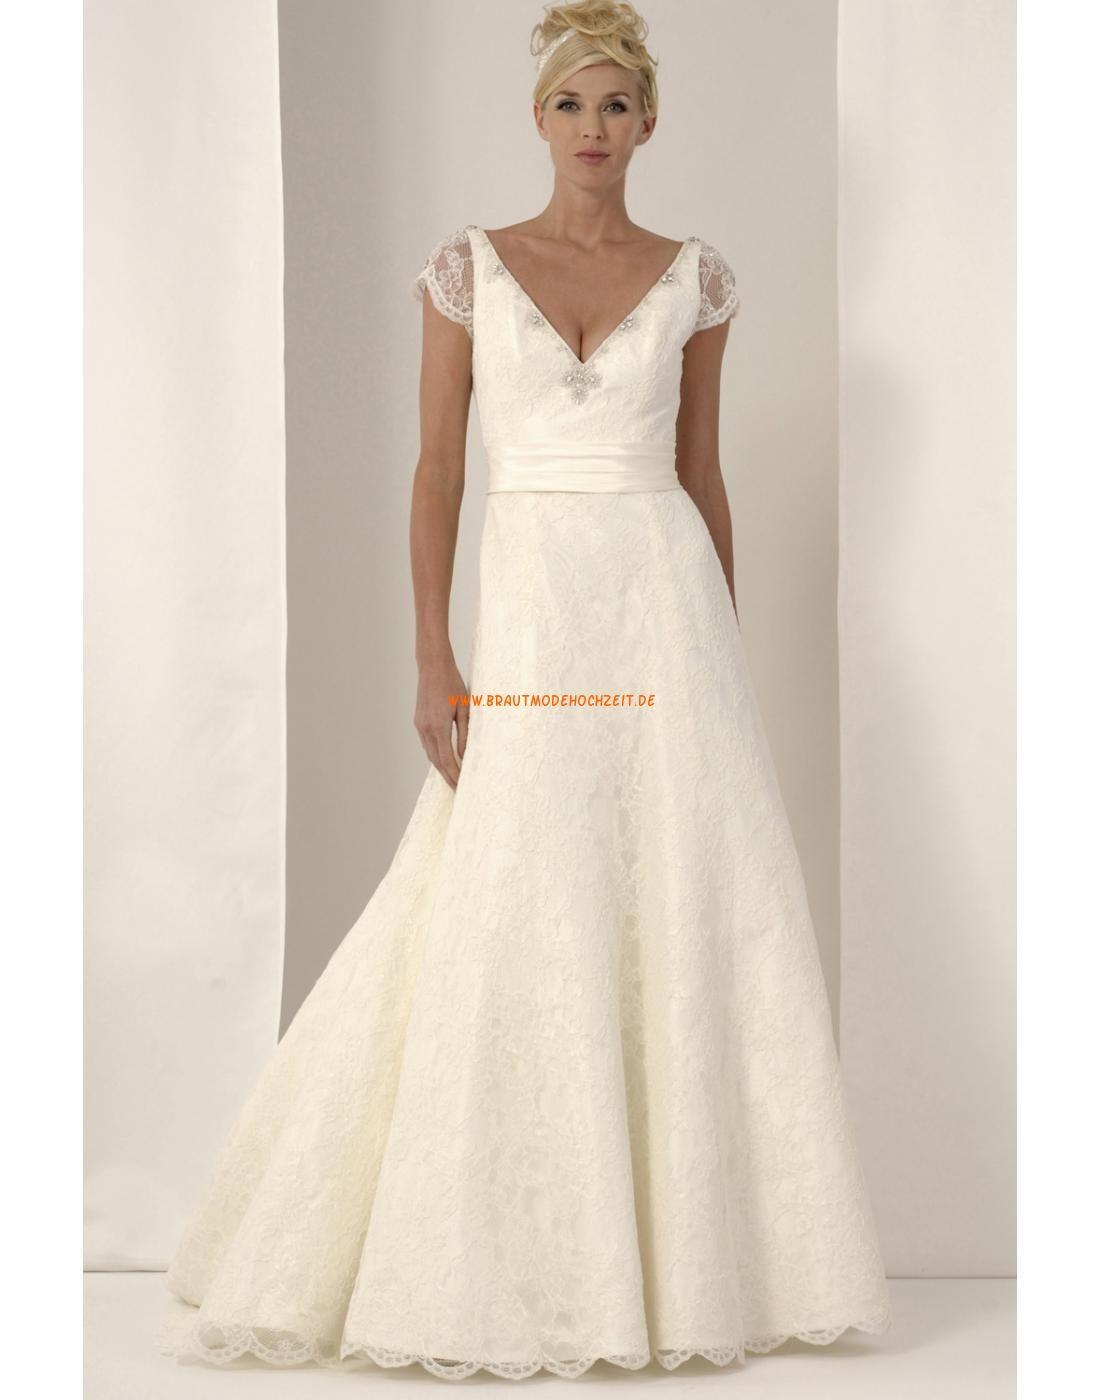 Augusta Jones 2013 Elegante Schicke Hochzeitskleider aus Spitze ...